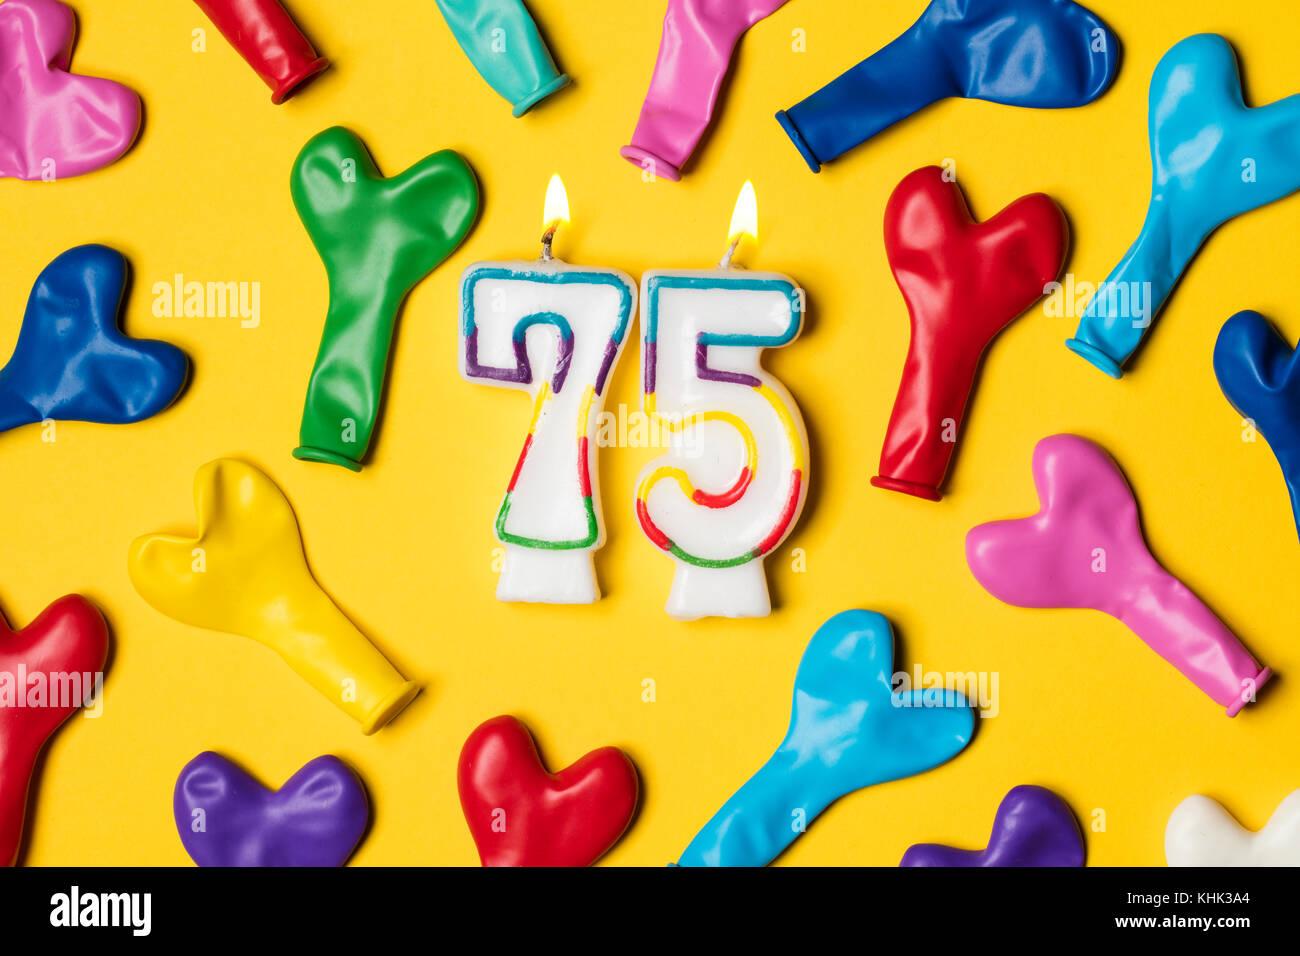 Nummer 75 Kerze Mit Party Ballons Auf Einem Gelben Hintergrund Stockbild